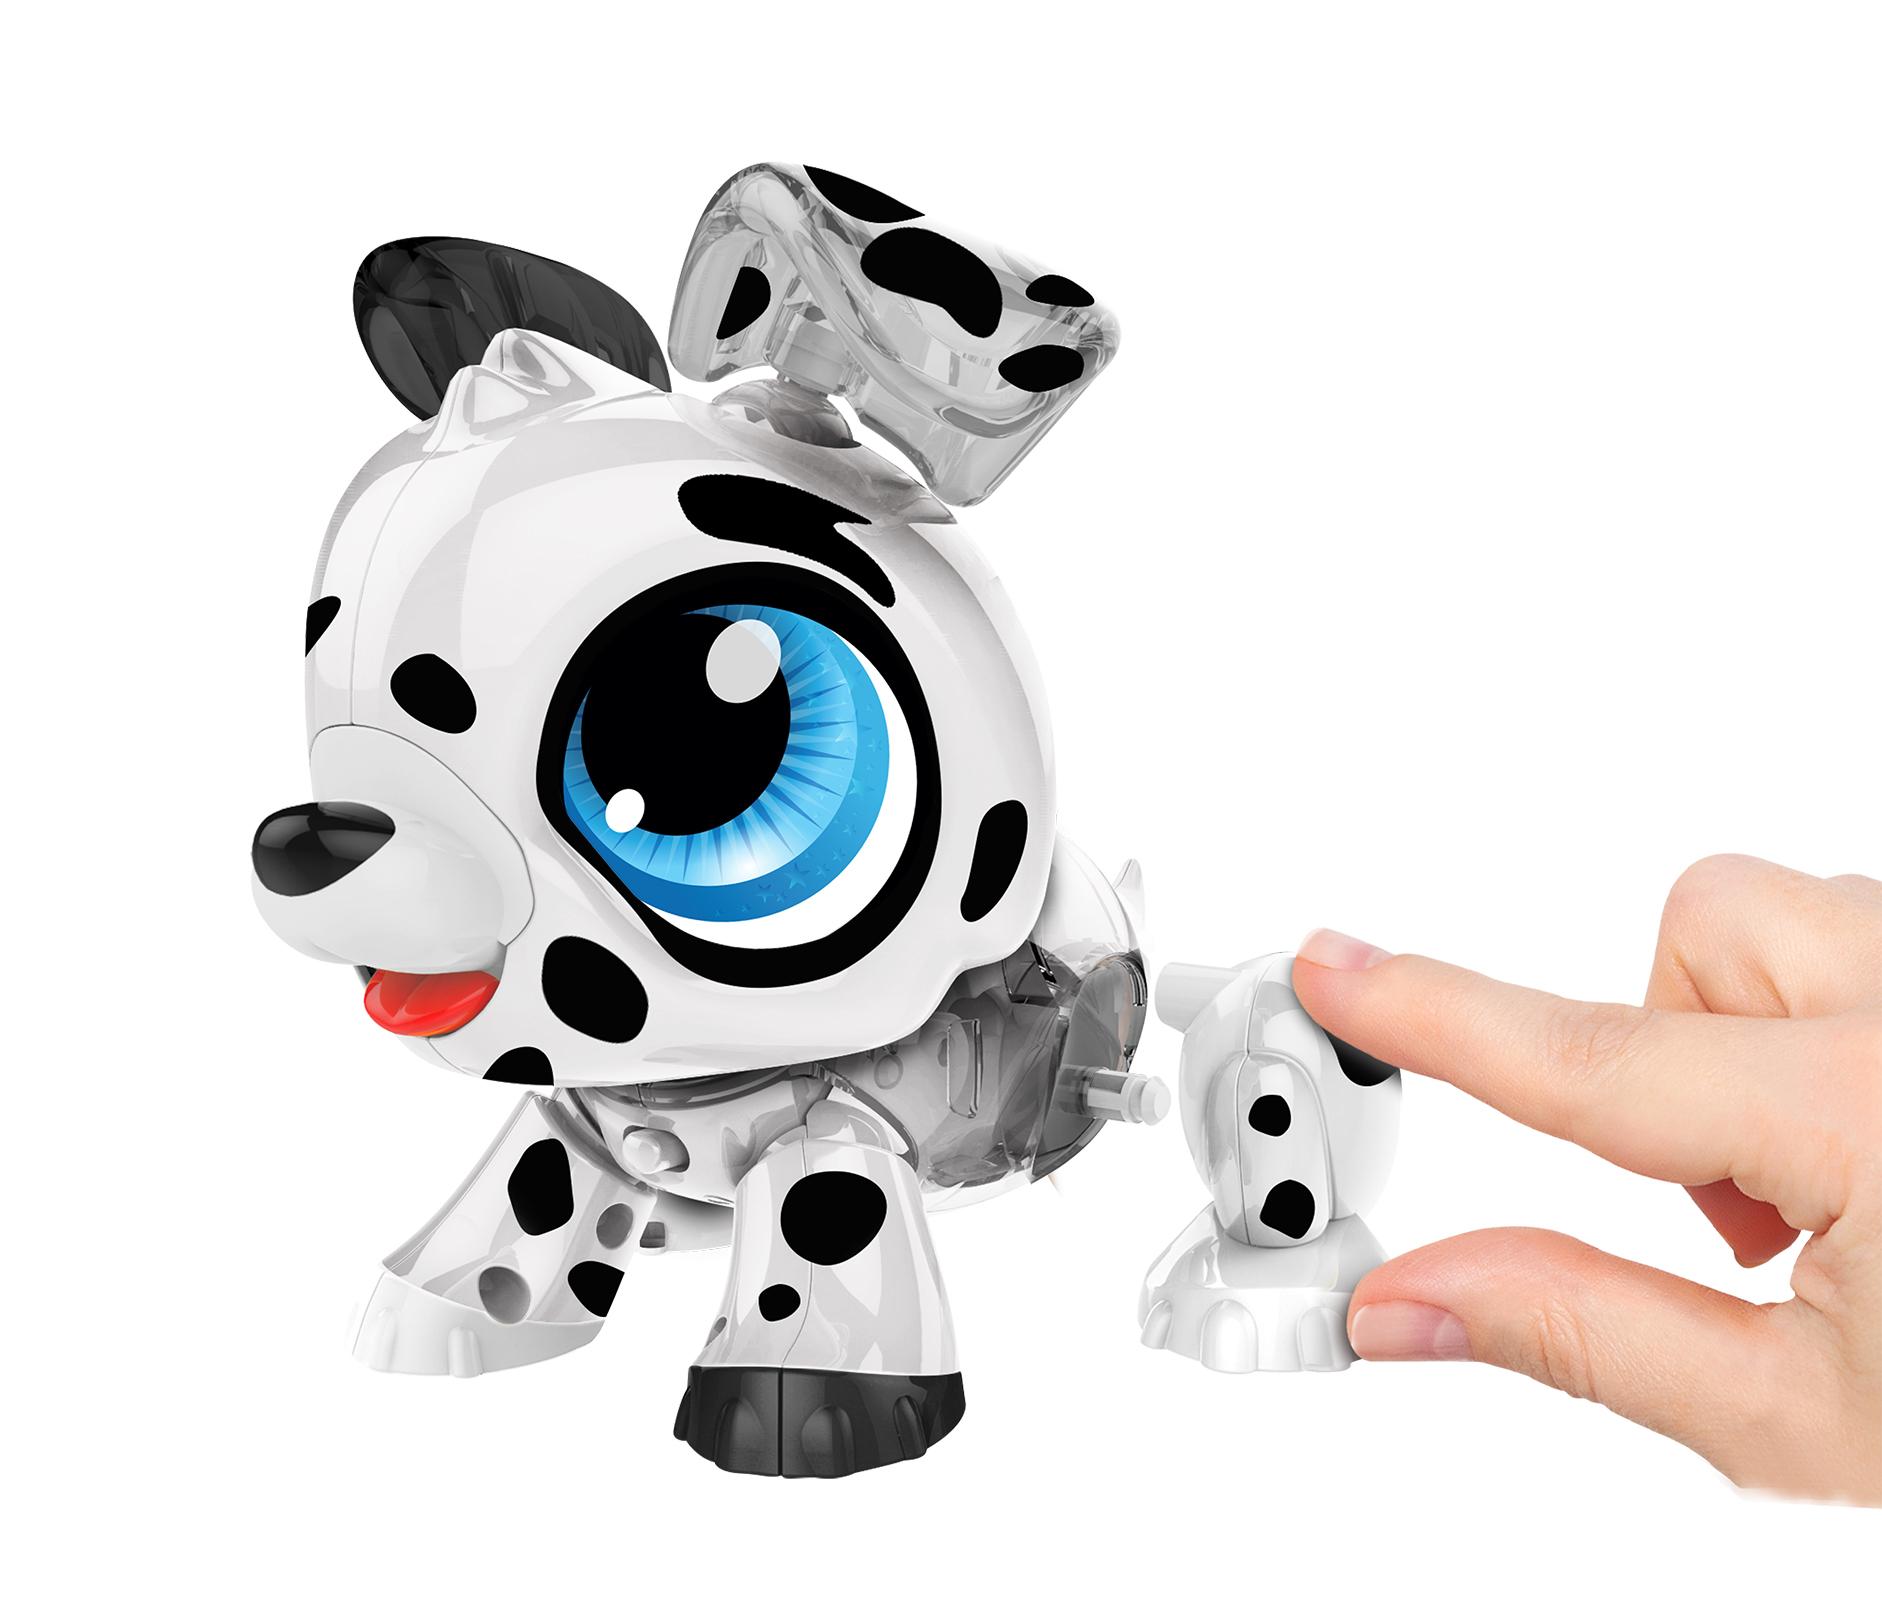 Image 1 Dalmatian - Hero with Hand - hi-res.jpg